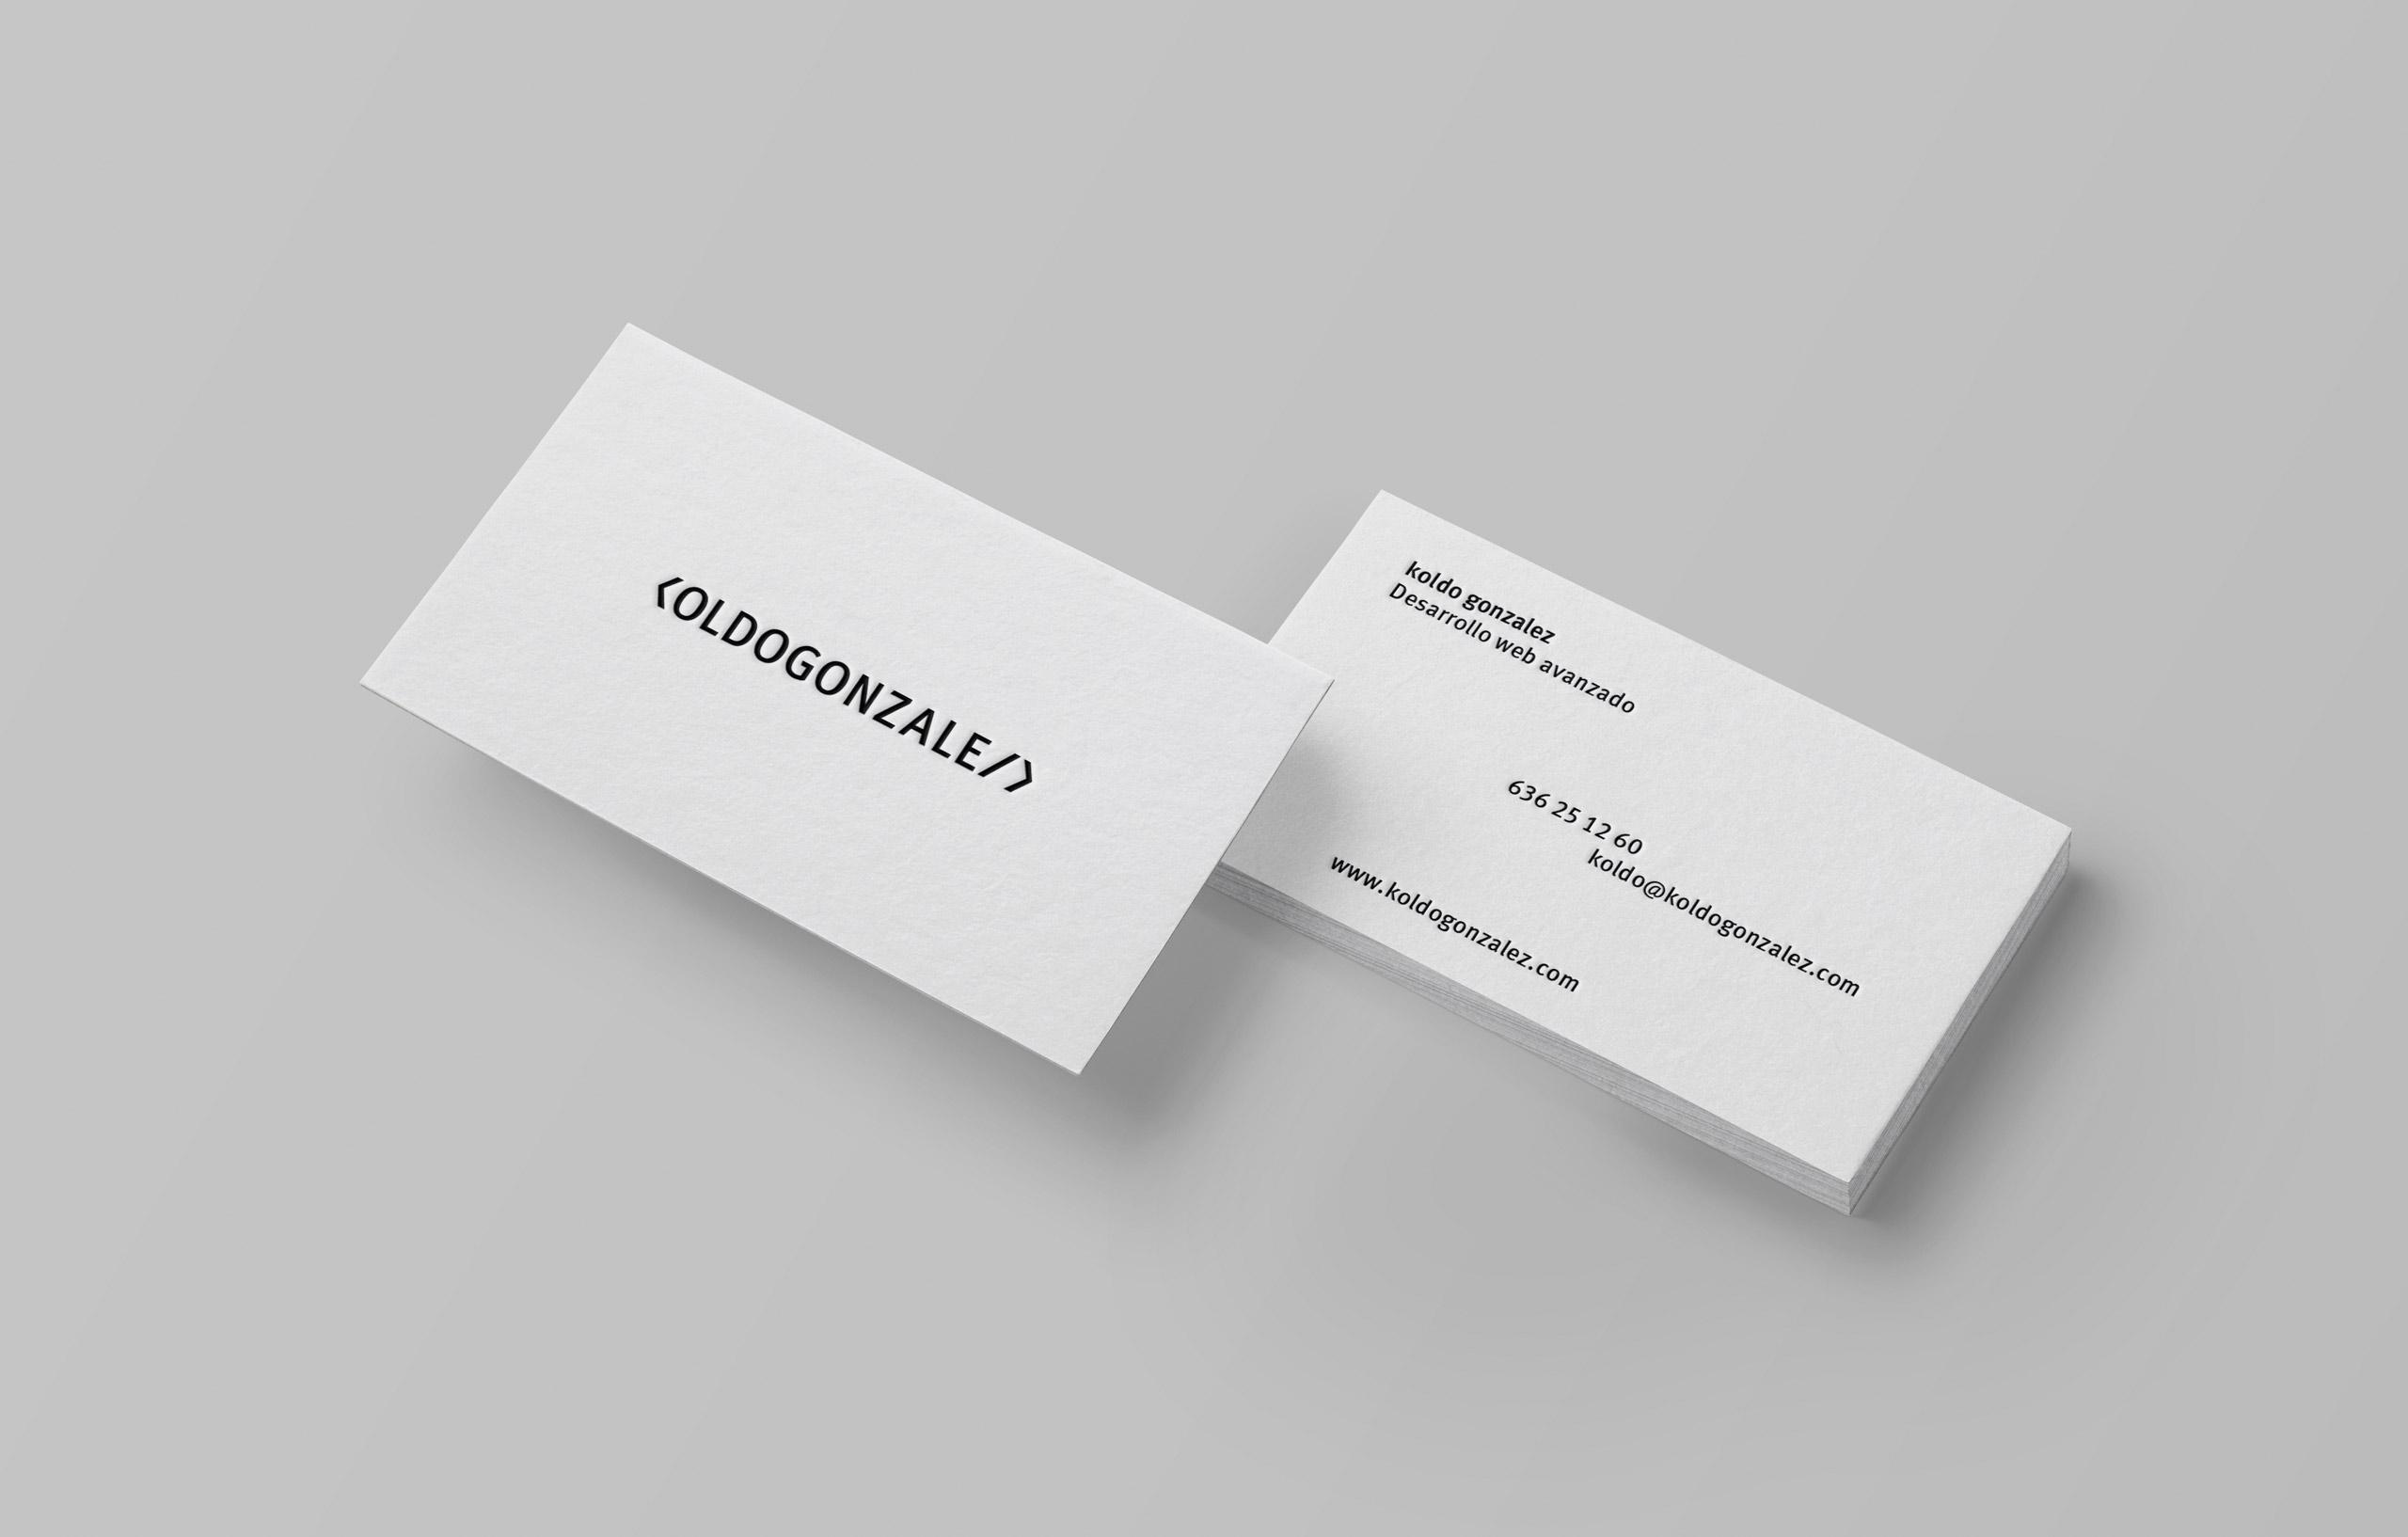 koldogonzalez-tarjetas